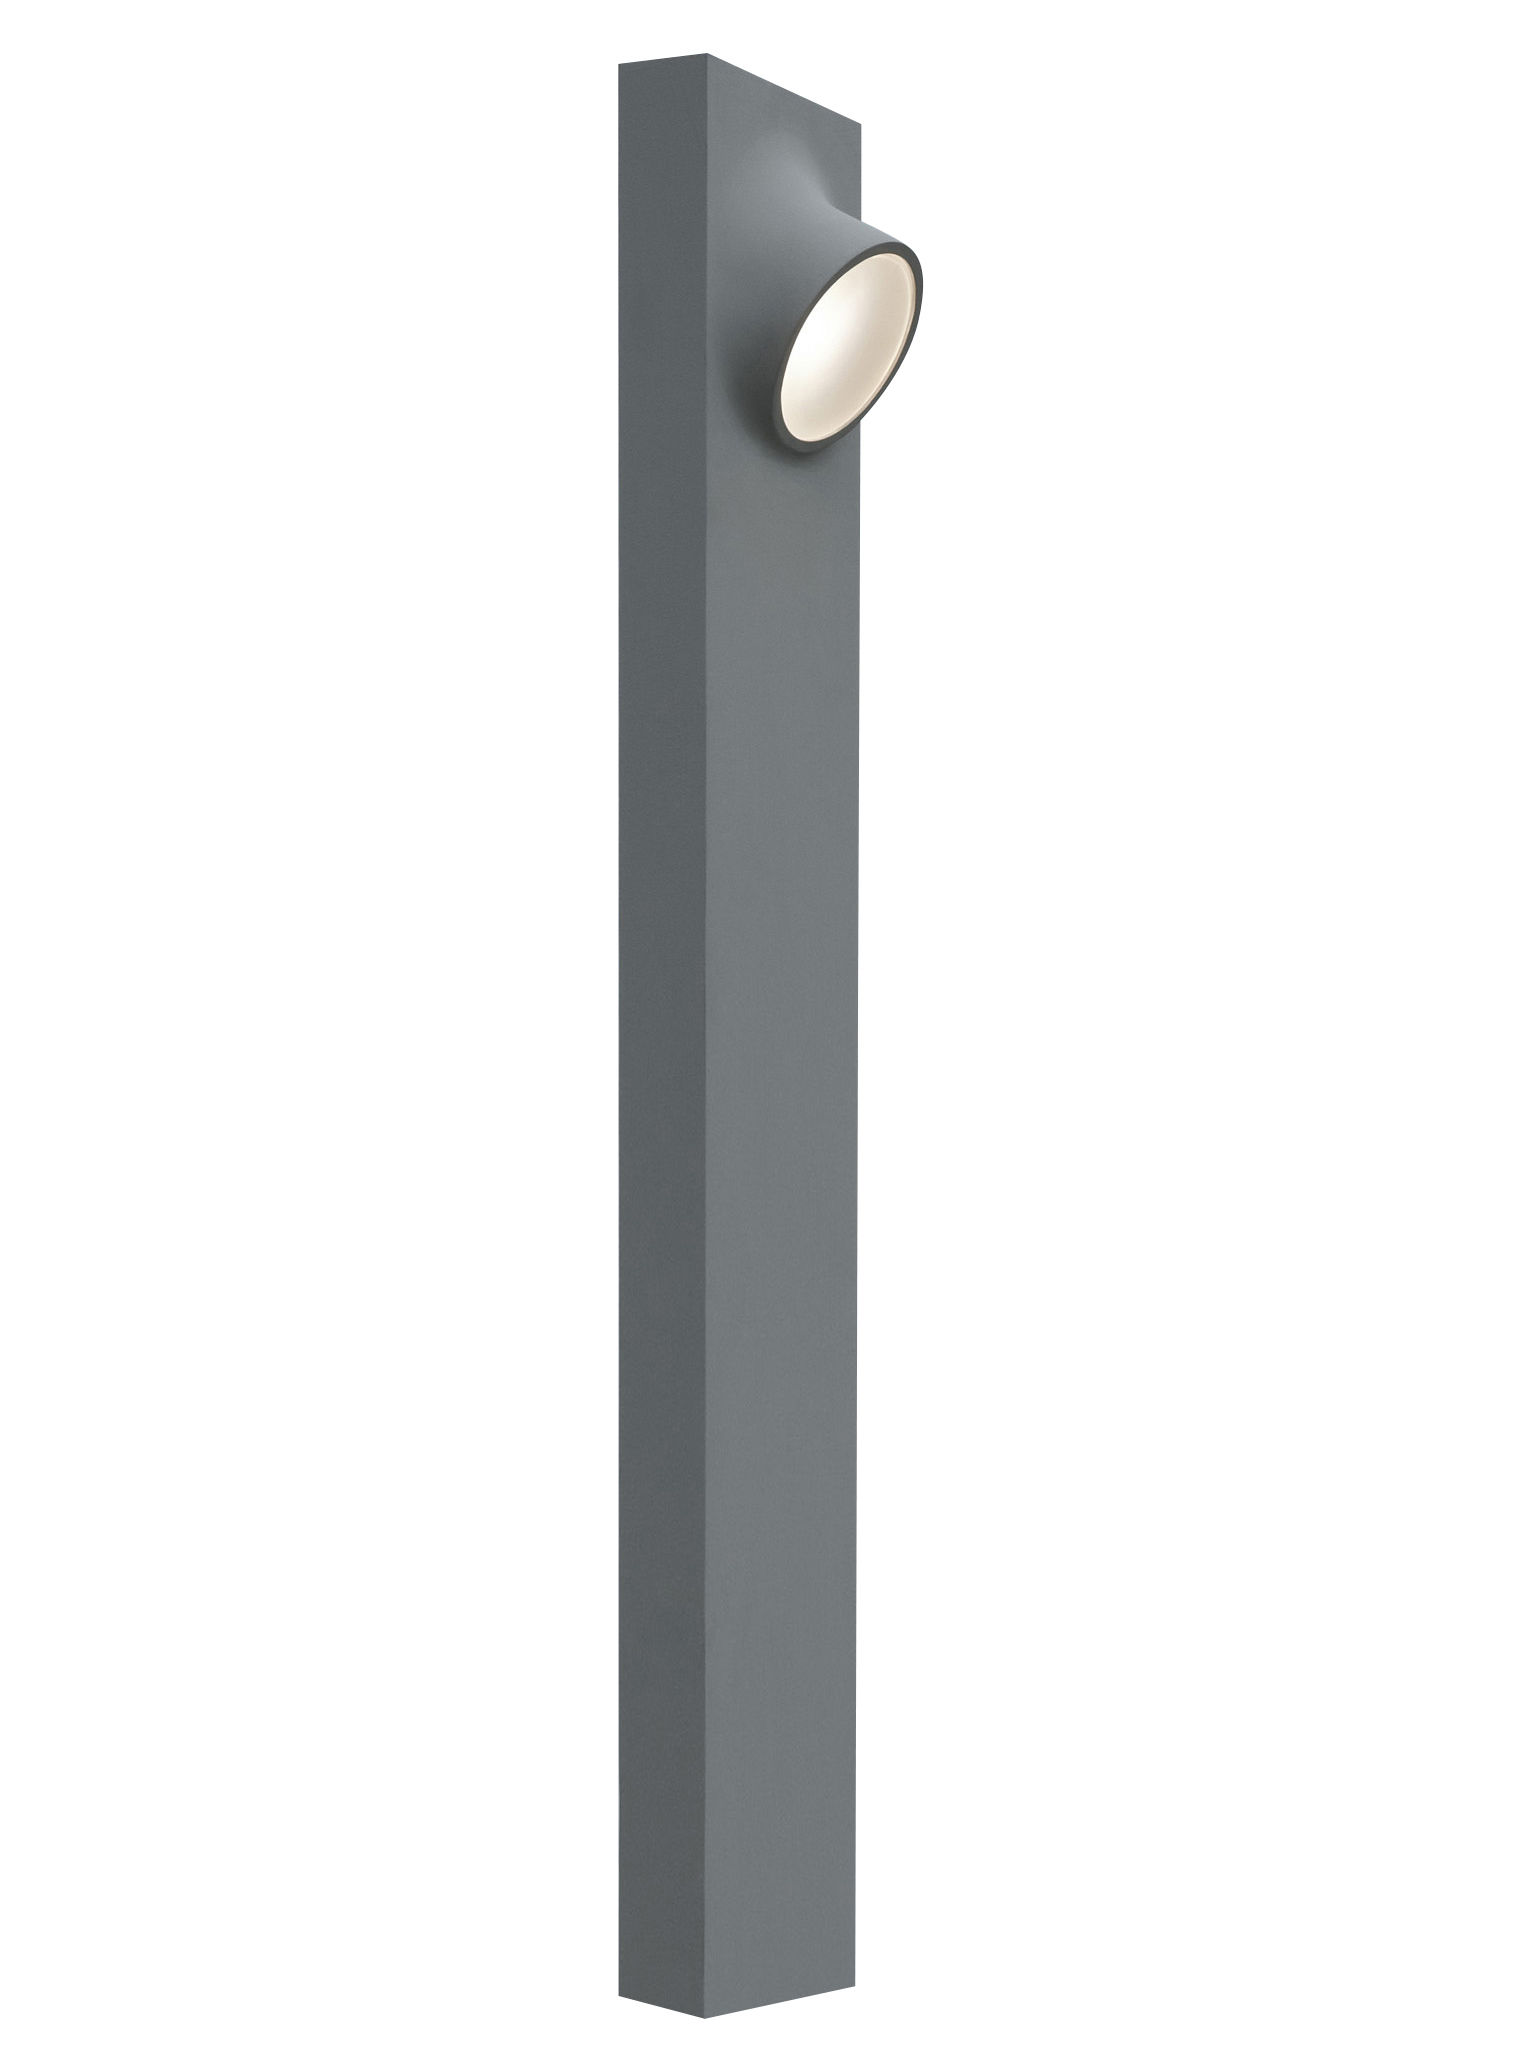 Illuminazione - Illuminazione da esterni - Lampada a stelo Ciclope Double LED - / esterno - H 90 cm di Artemide -  - Alluminio galvanizzato